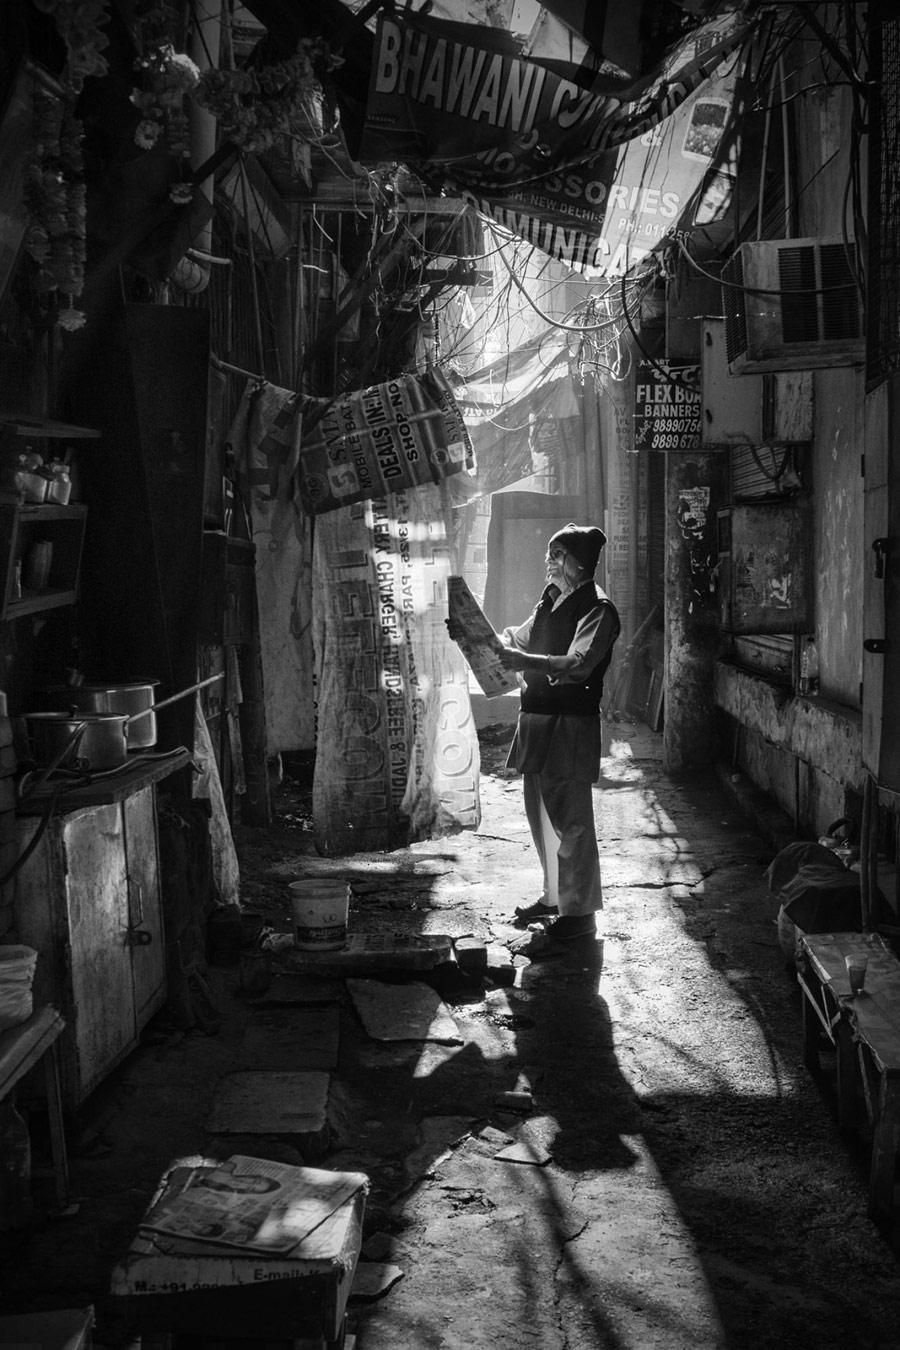 Перерыв, © Грэйс Пуй Ван Хо, 2-е место в категории «Люди и животные», непрофессионал, Фотоконкурс «Зебра» — Zebra — Чёрно-белый фотограф года